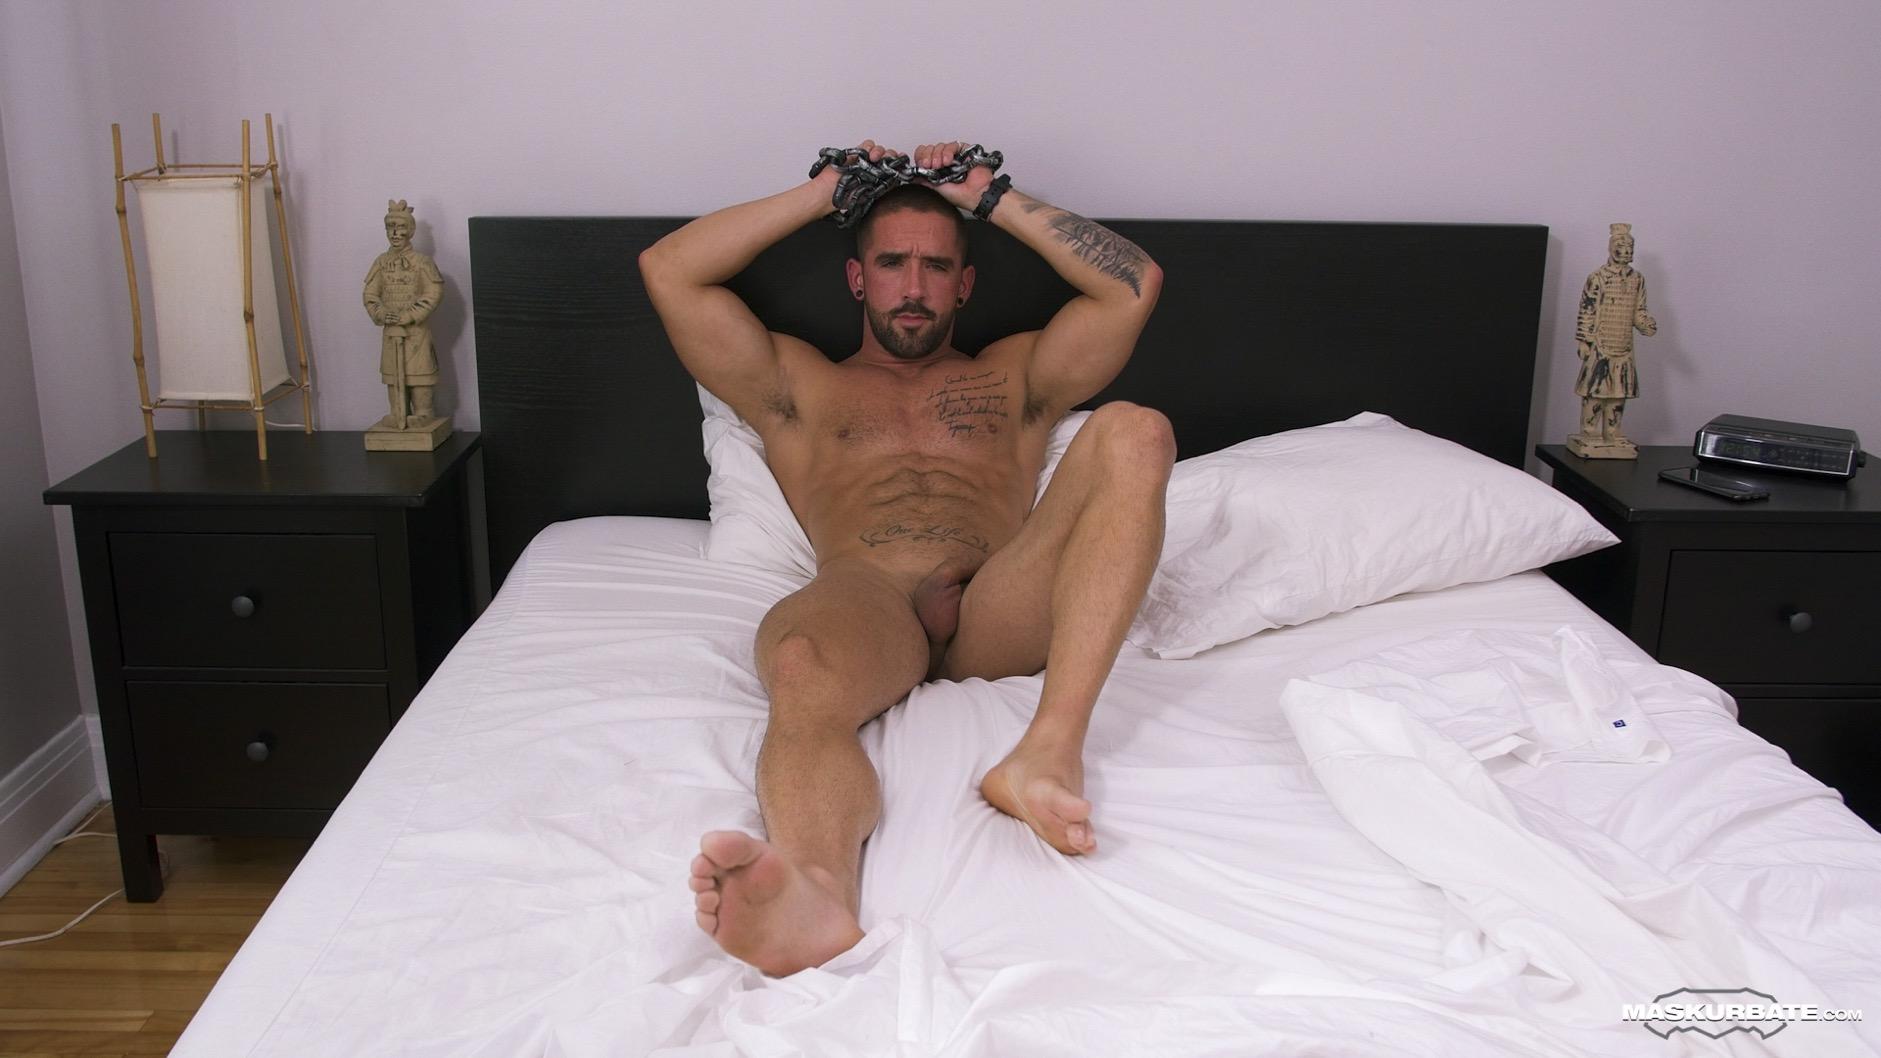 Porn Model Zack Lemec